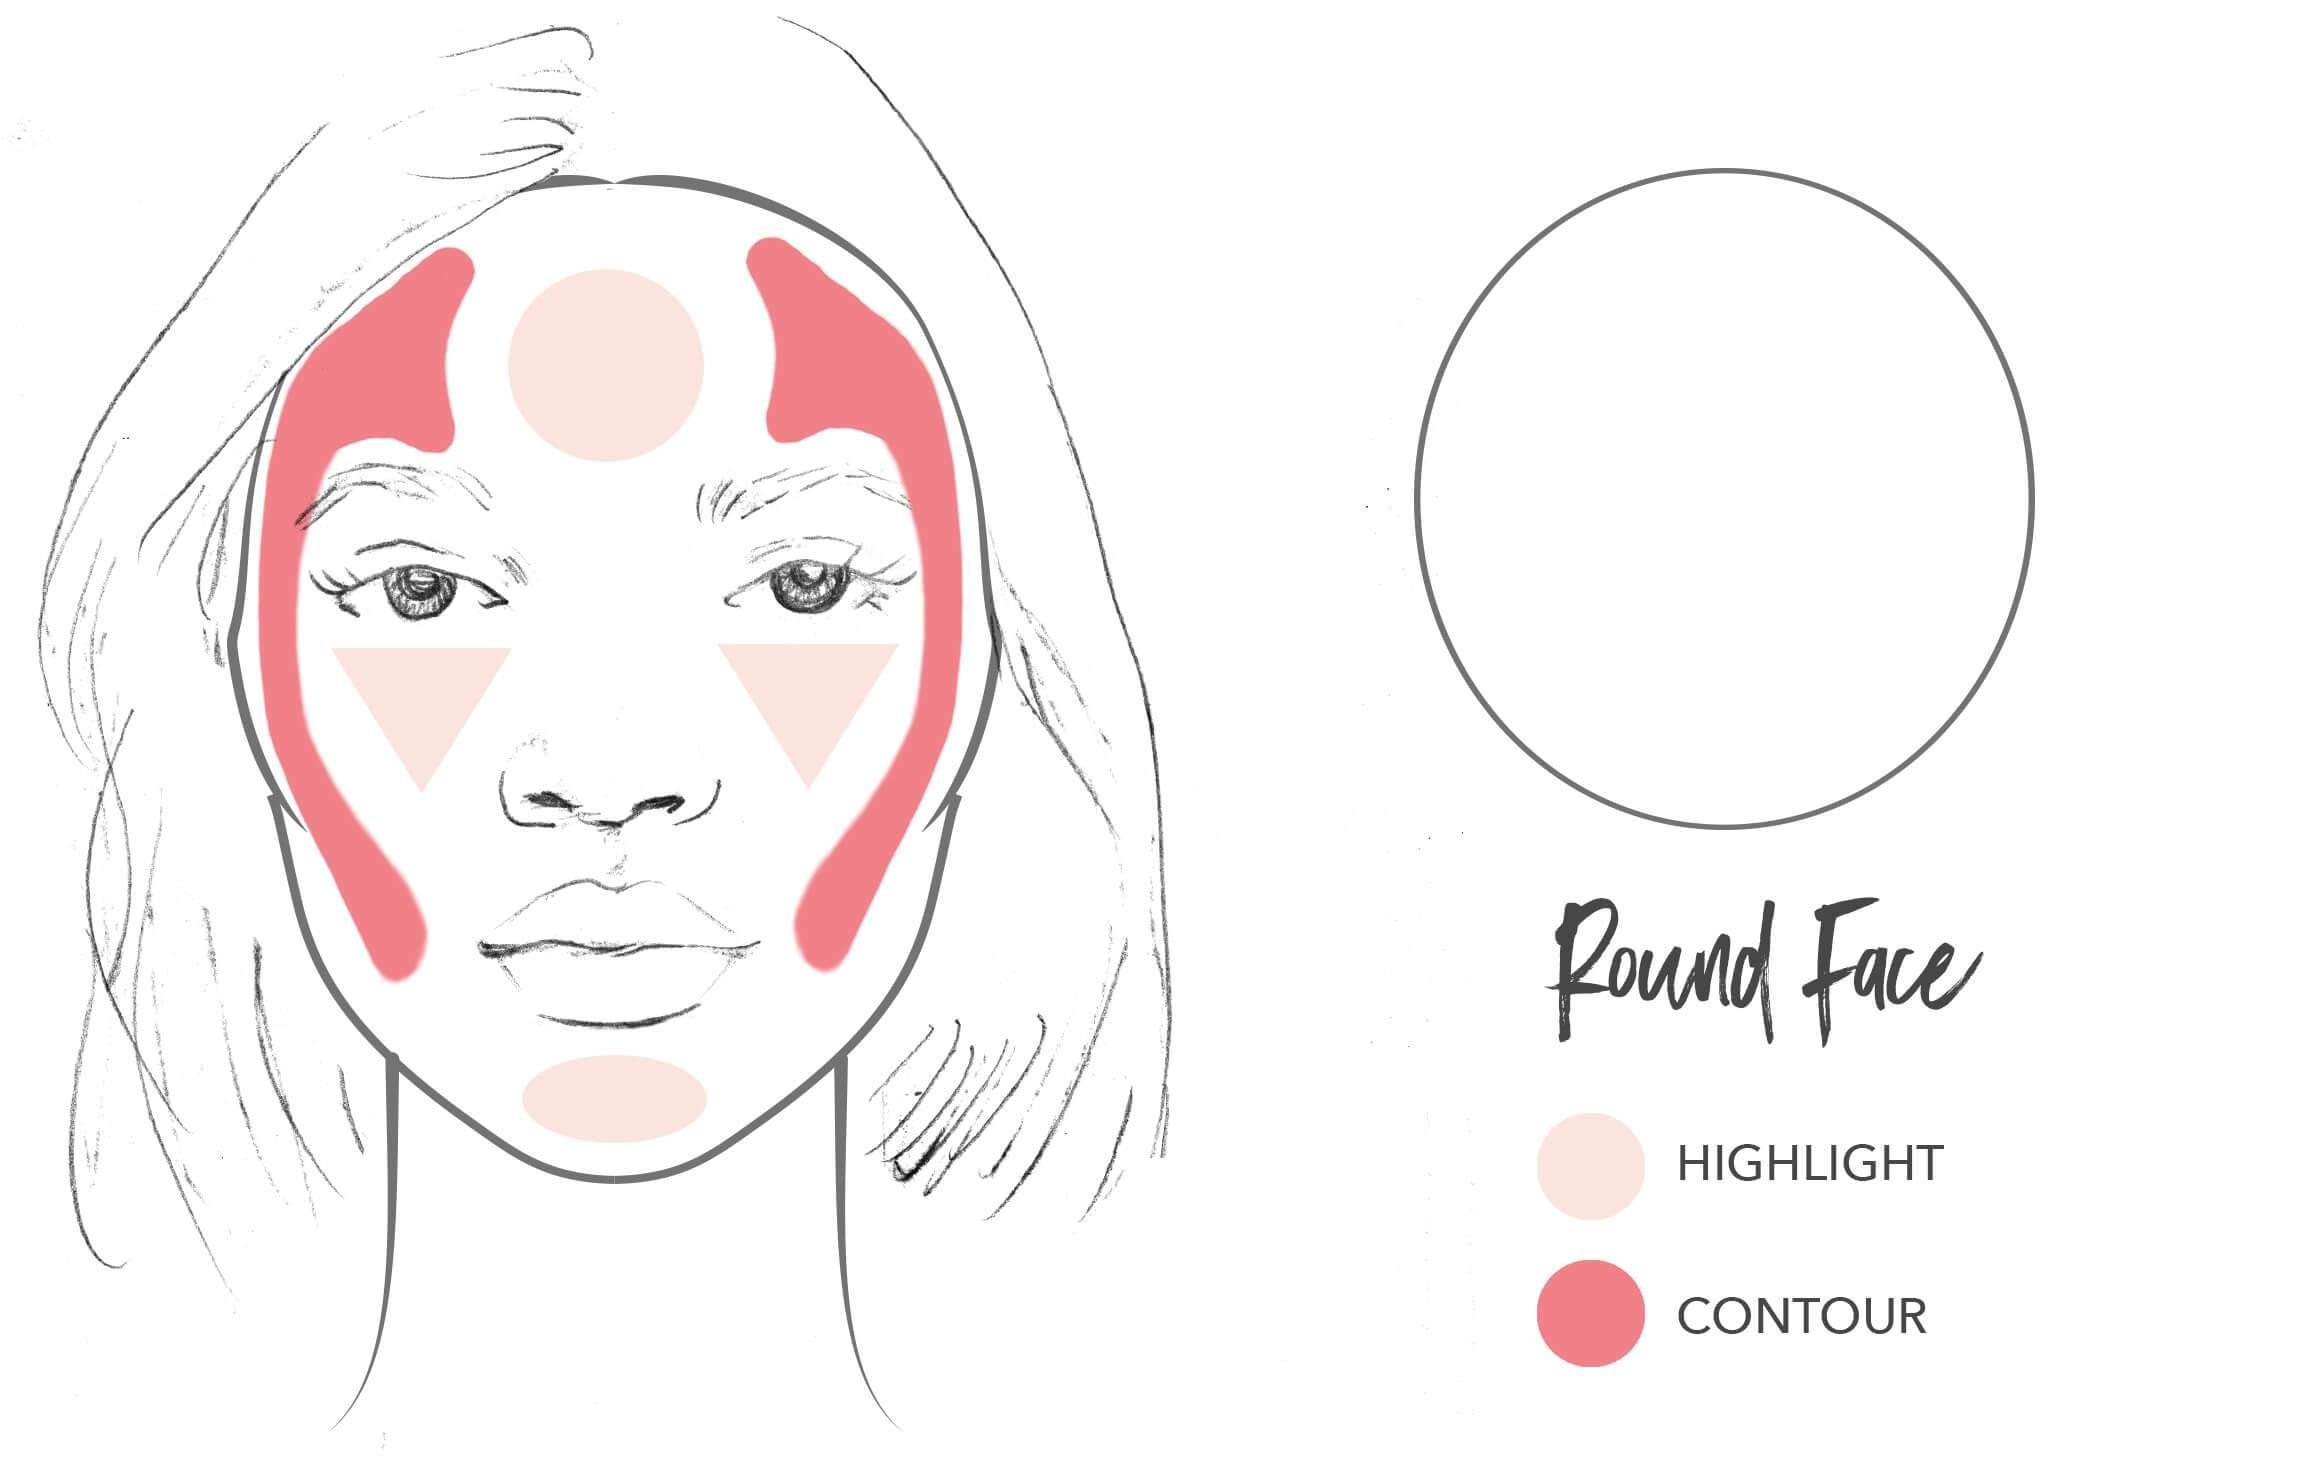 كونتور الوجه الدائري ـ طريقة الكونتور والهايلايت